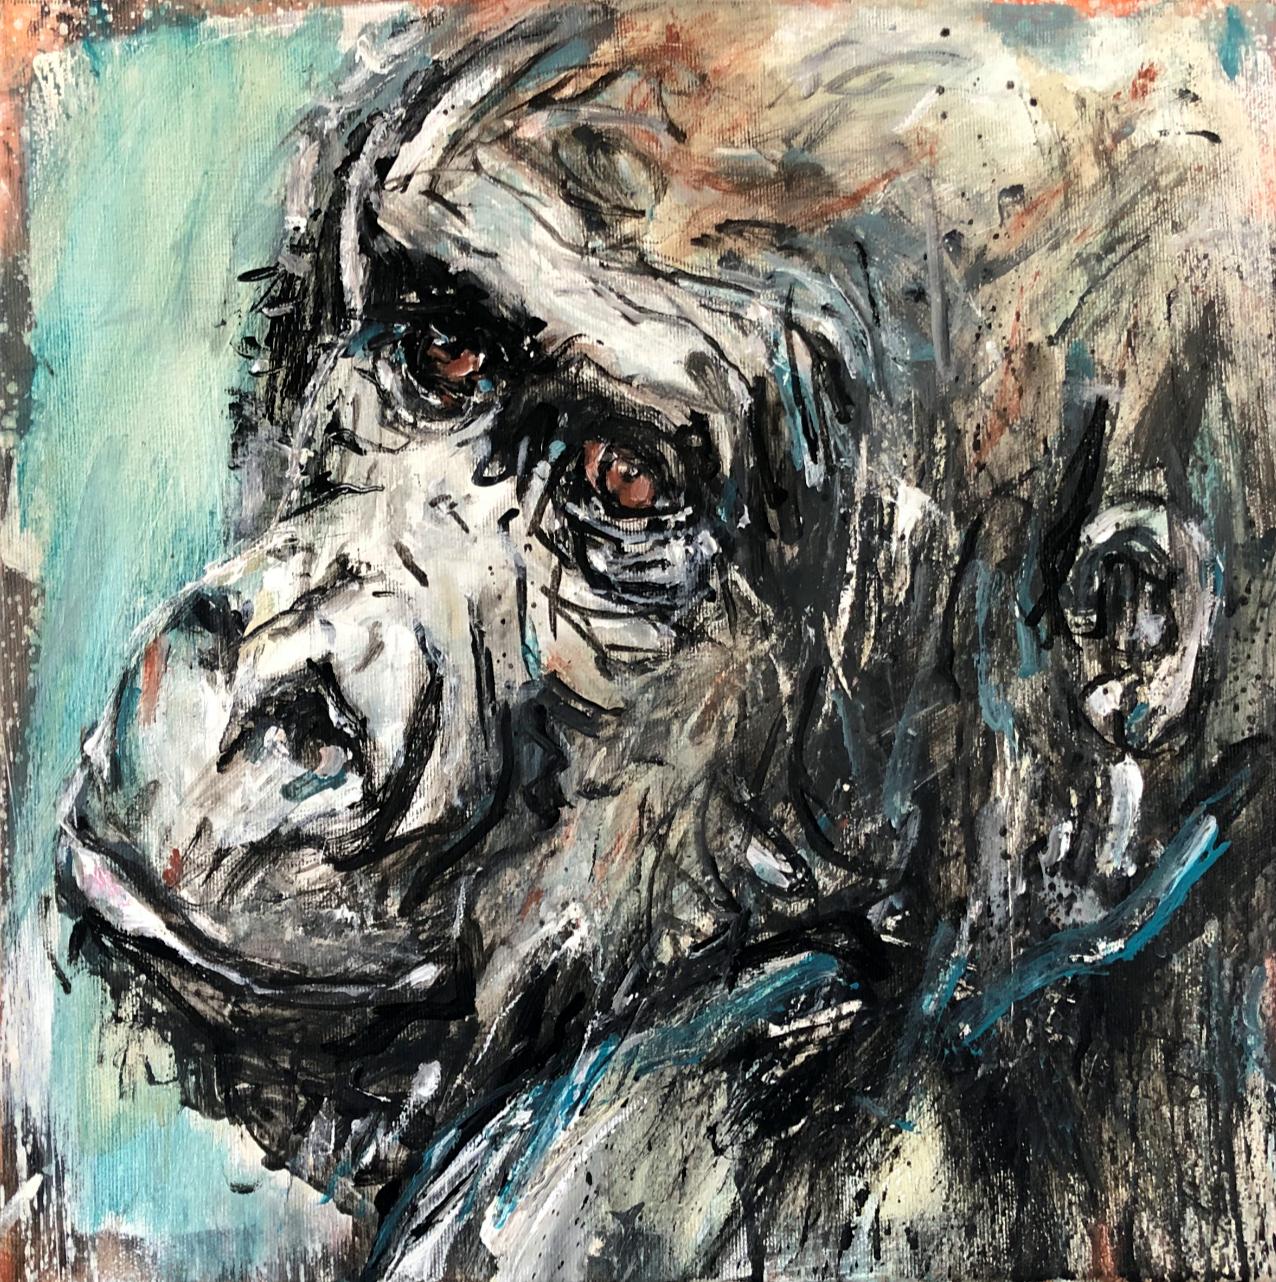 Gorilla 83